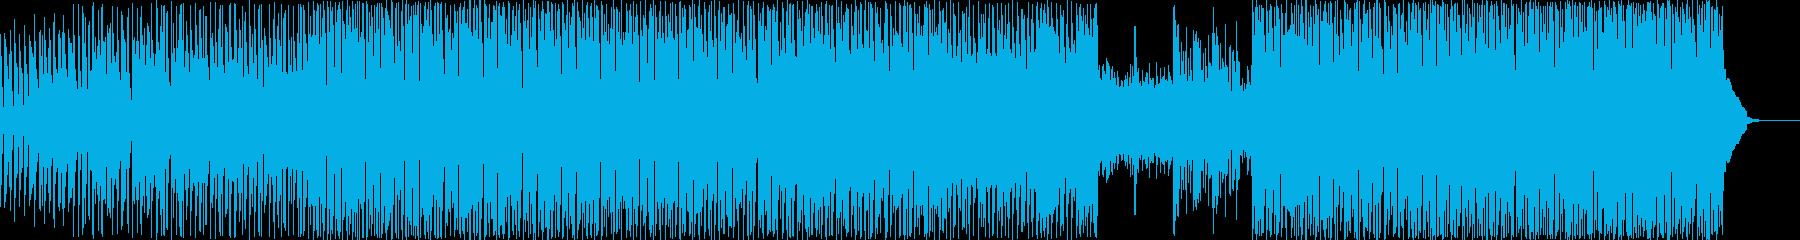 法人 技術的な 楽しげ ハイテク ...の再生済みの波形